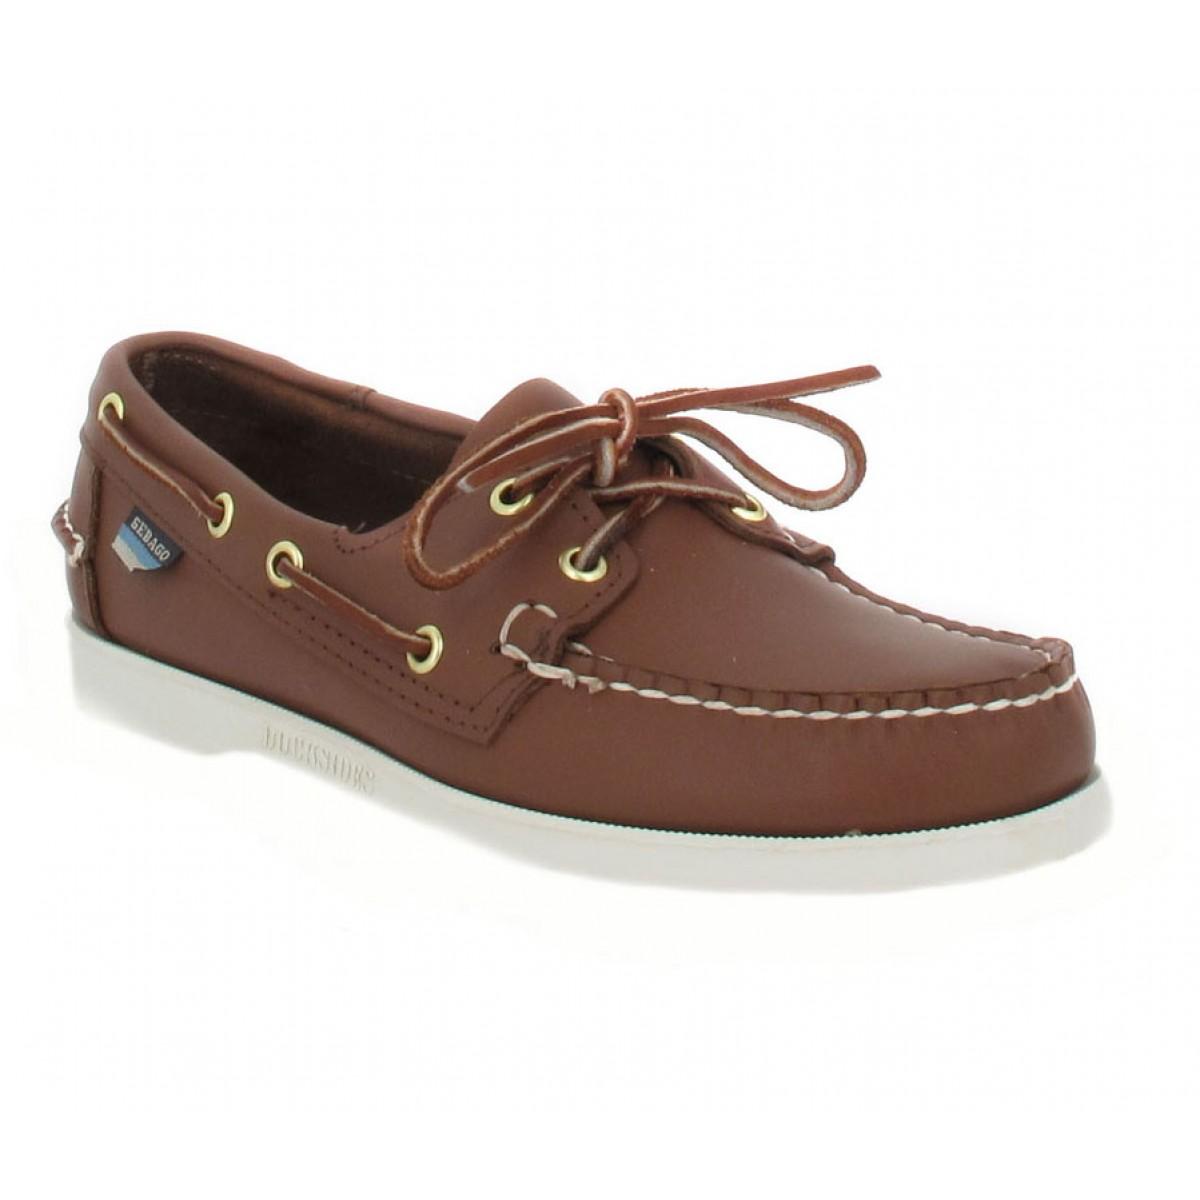 Chaussures bateaux SEBAGO Docksides cuir Homme Cognac